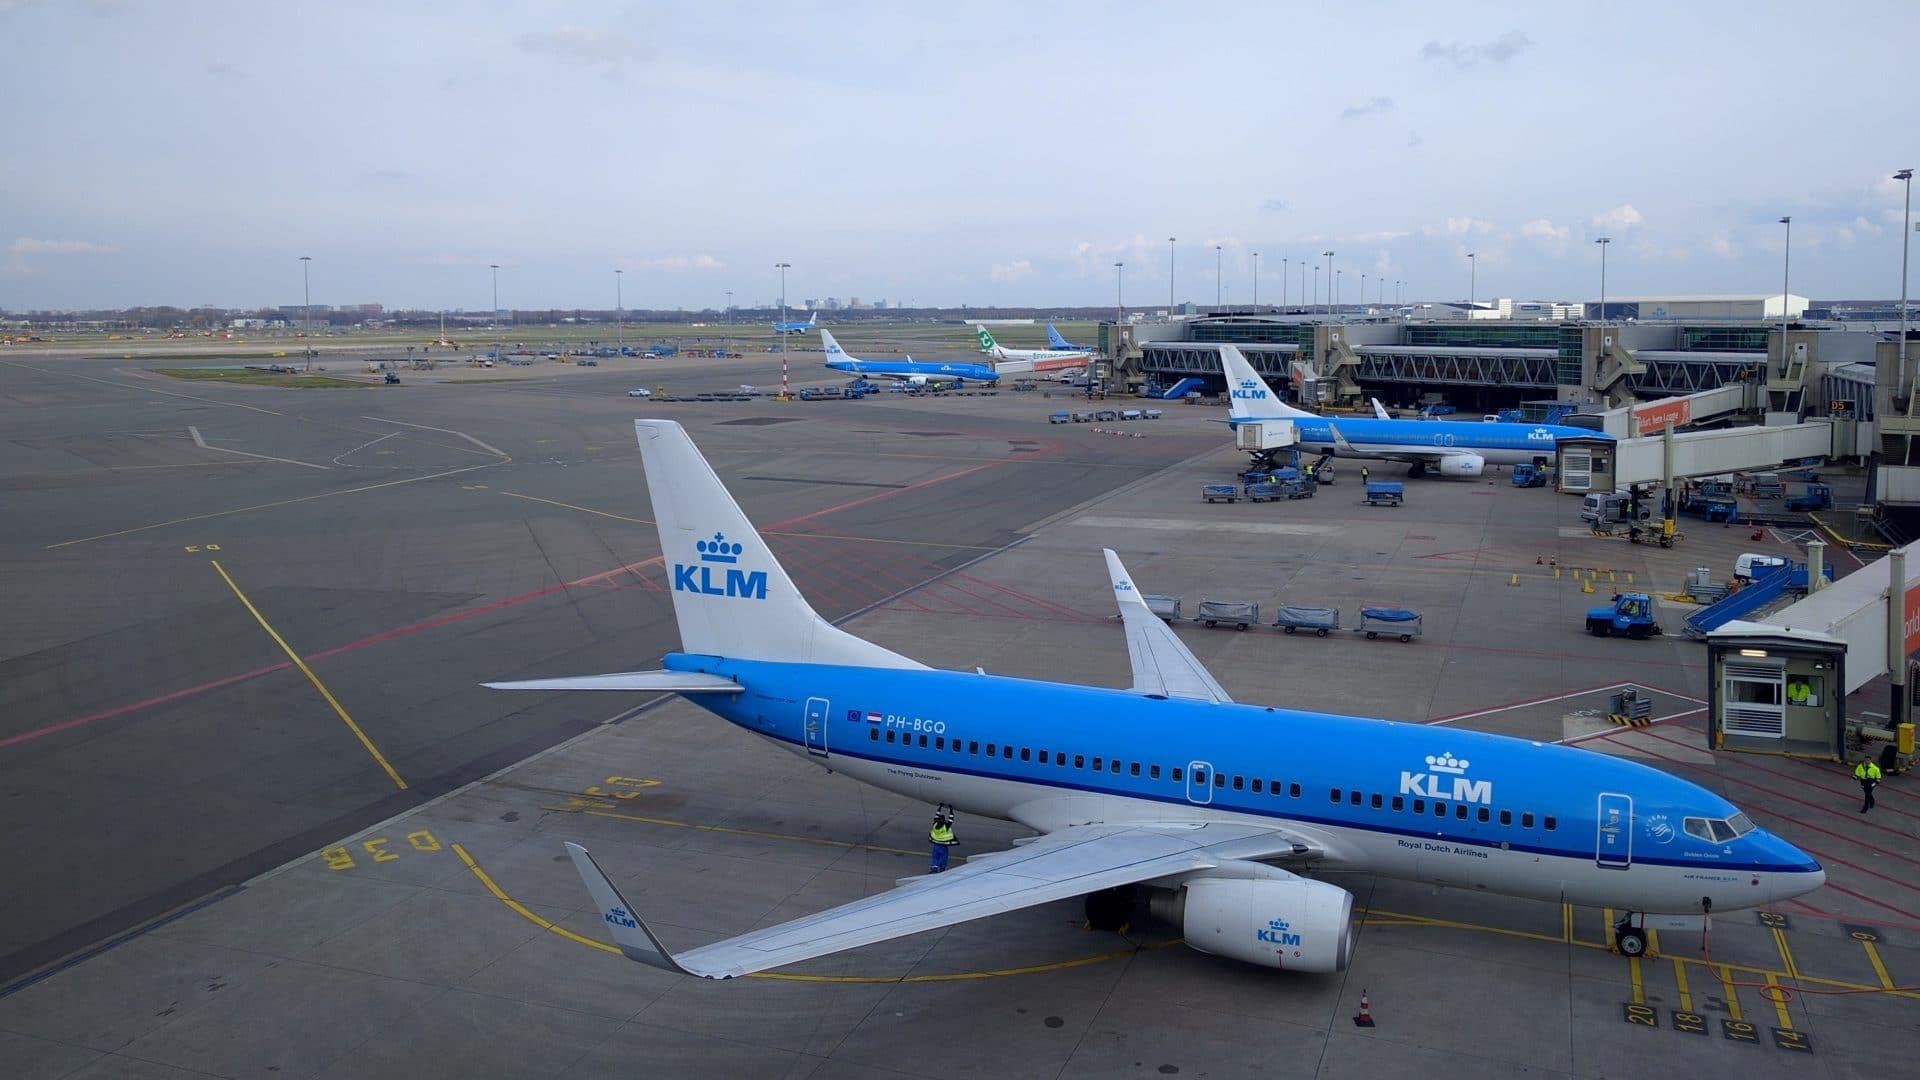 KLM Upload at Home